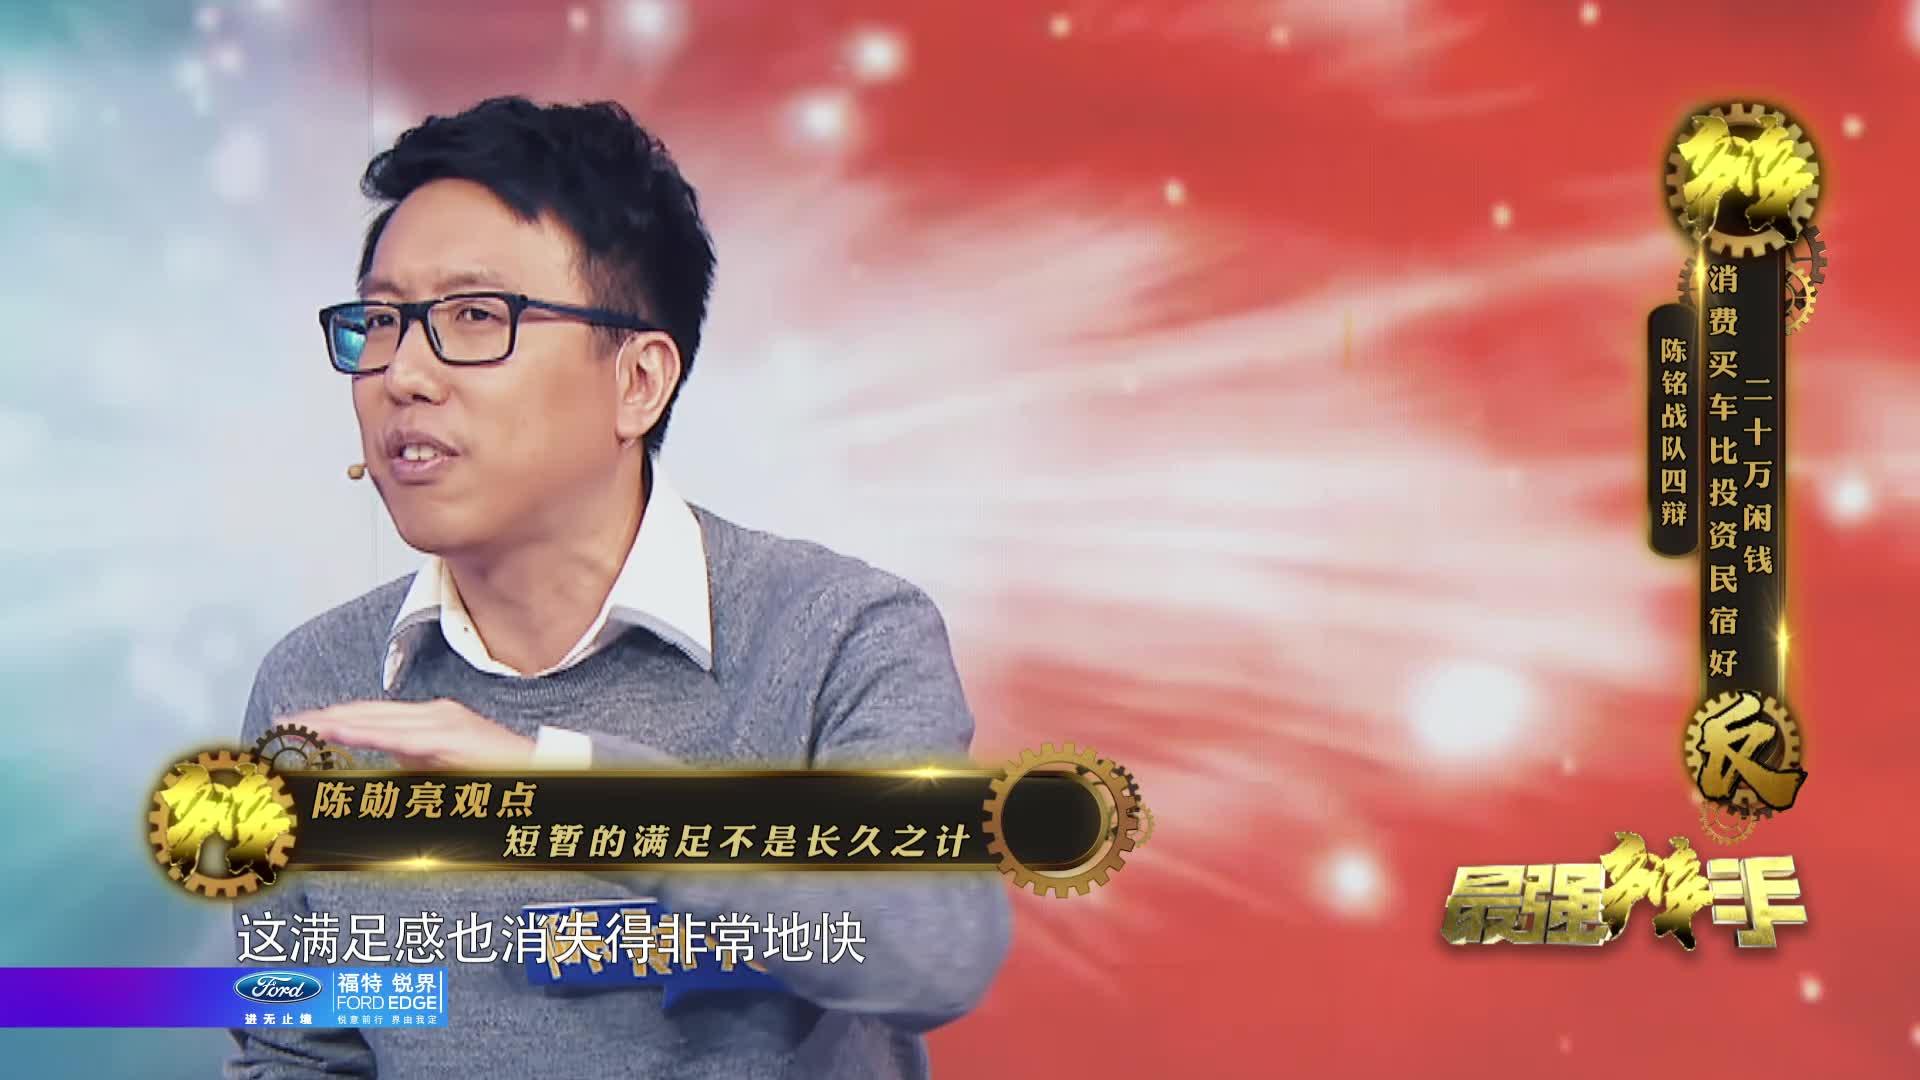 剑桥辩论传奇选手陈勋亮:只要你耐得住,长远投资其实是一劳永逸地得到幸福